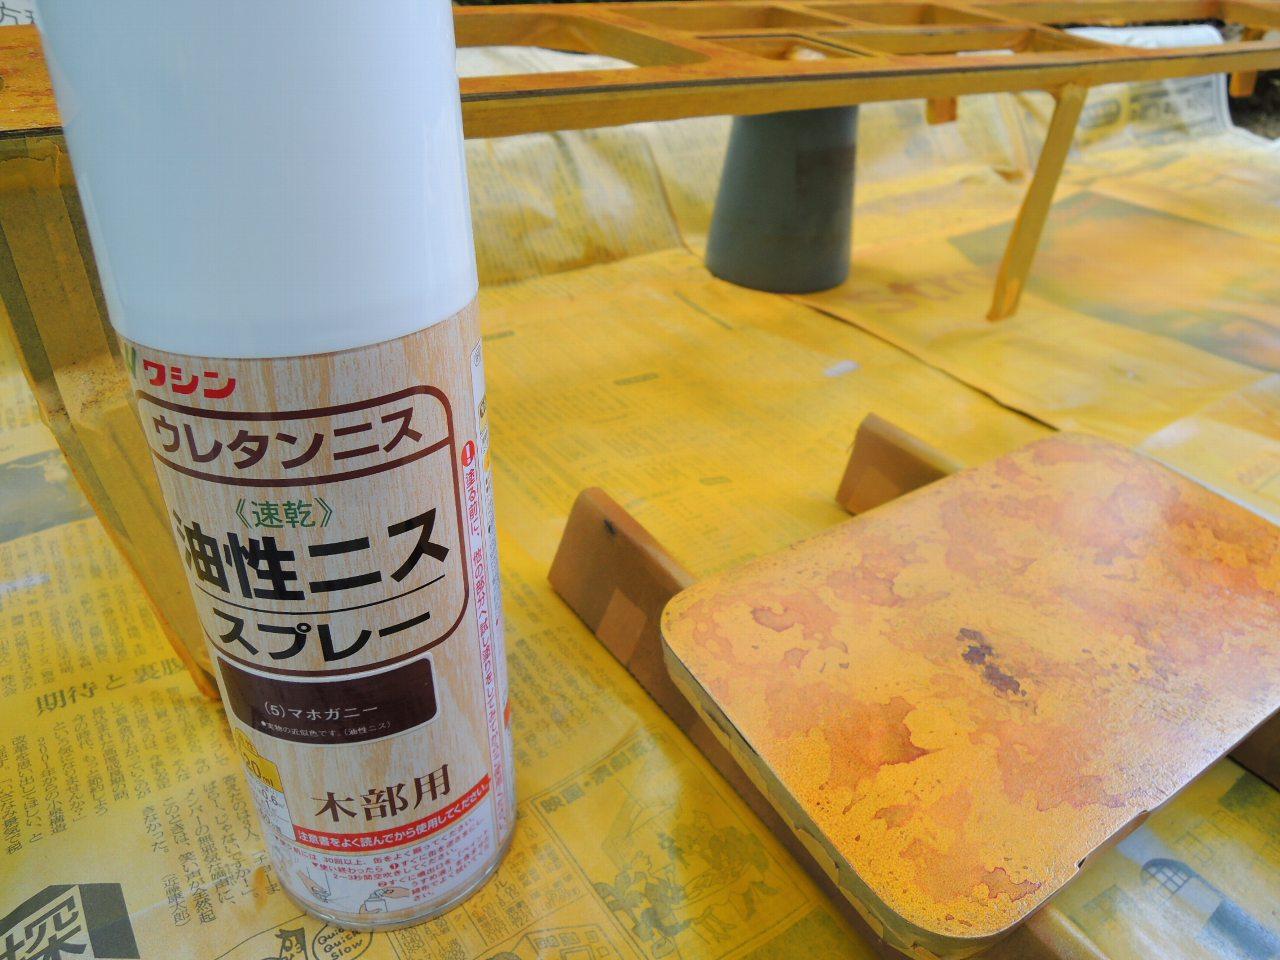 塗り 方 ニス 油性